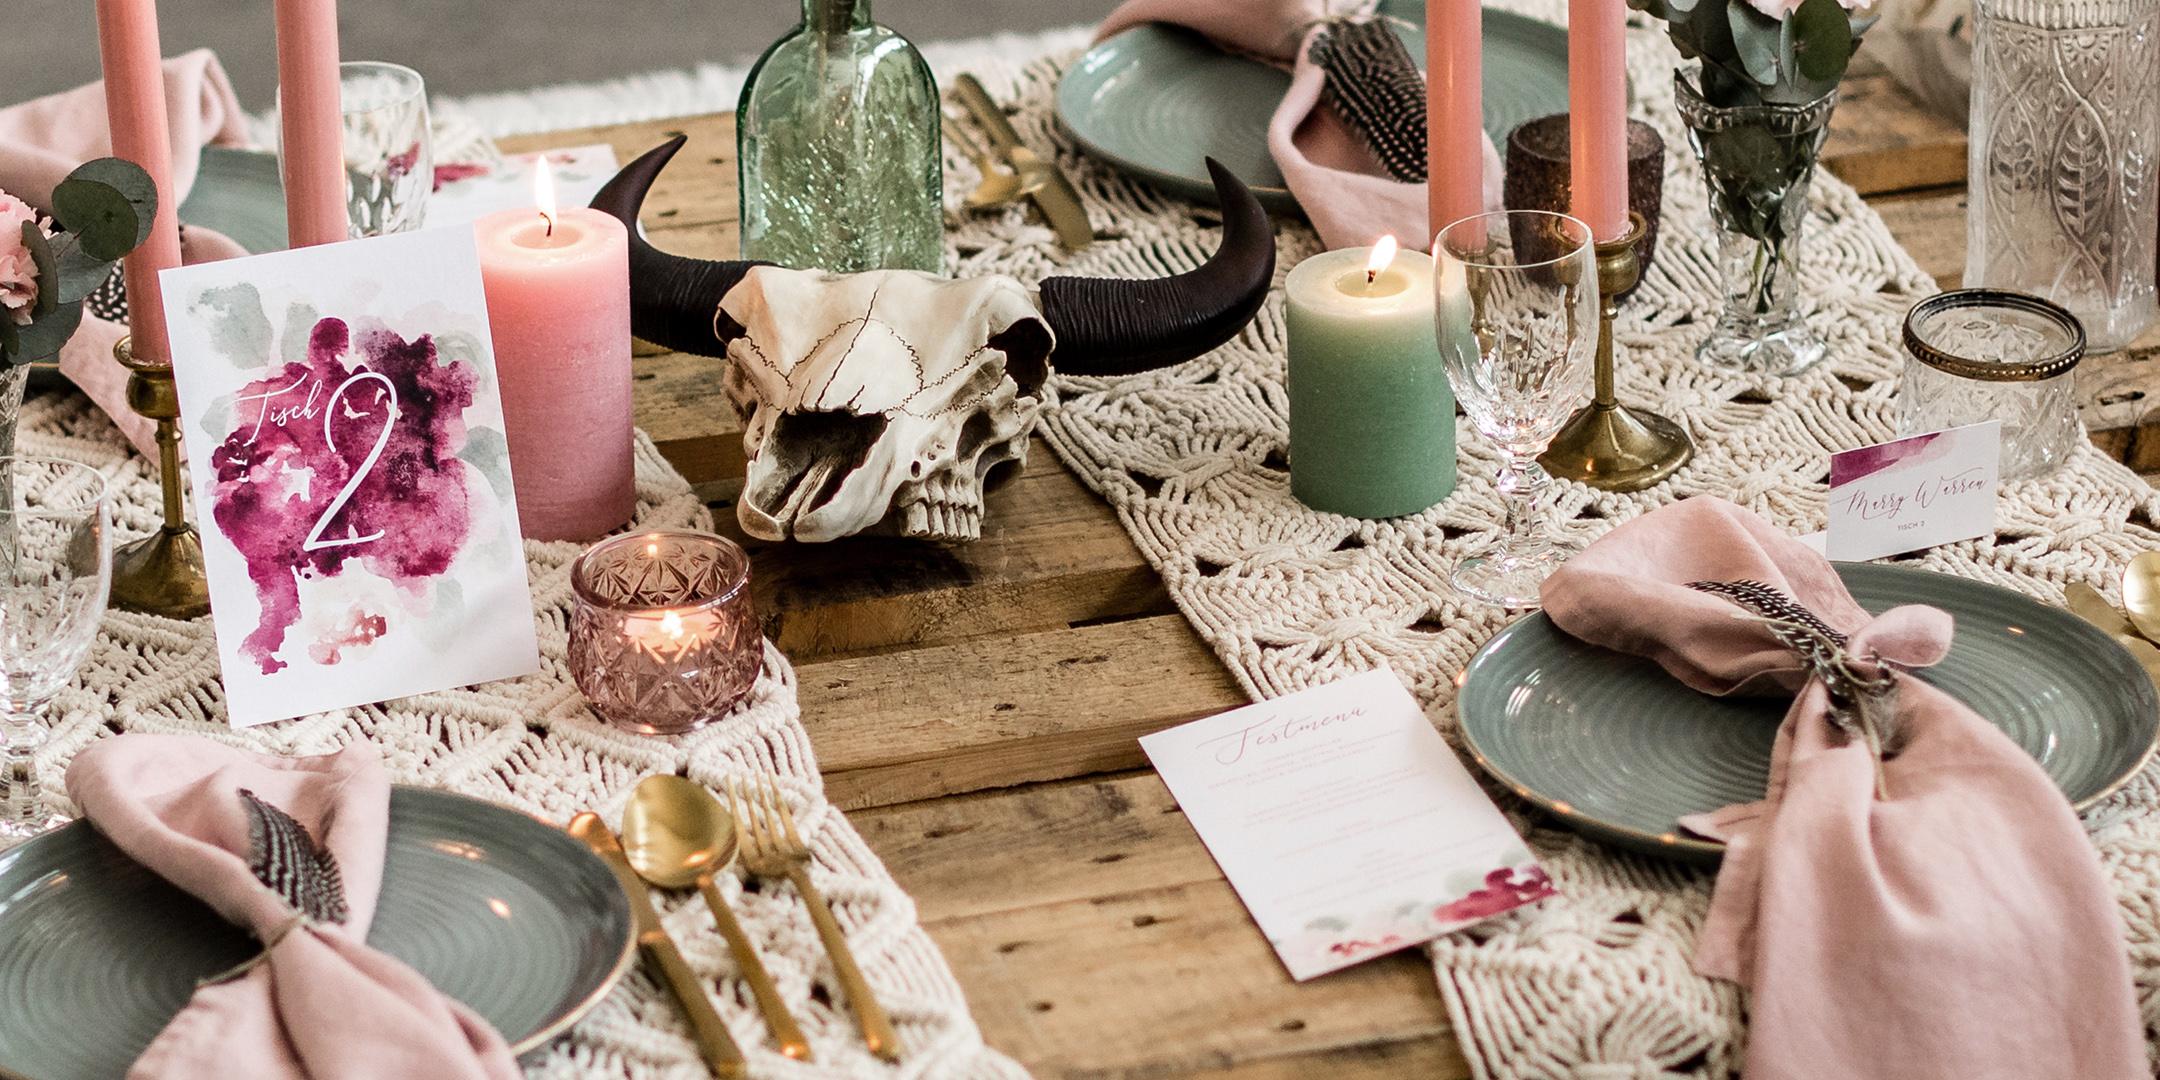 """HOCHZEITS-DECOR - Menus, Tischnummern, Namenskärtchen, Leinwand-Gästebuch, Kalligrafie etc. wir bieten Ihnen verschiedene """"day of pieces"""" speziell für Ihren Hochzeitstag. Alle Stücke sind liebevoll von Hand gefertigt. Wir sind stolz auf jedes Exemplar und hoffen, dass es Ihnen genauso viel Freude bereitet wie für uns das kreieren!""""Day of Pieces"""""""